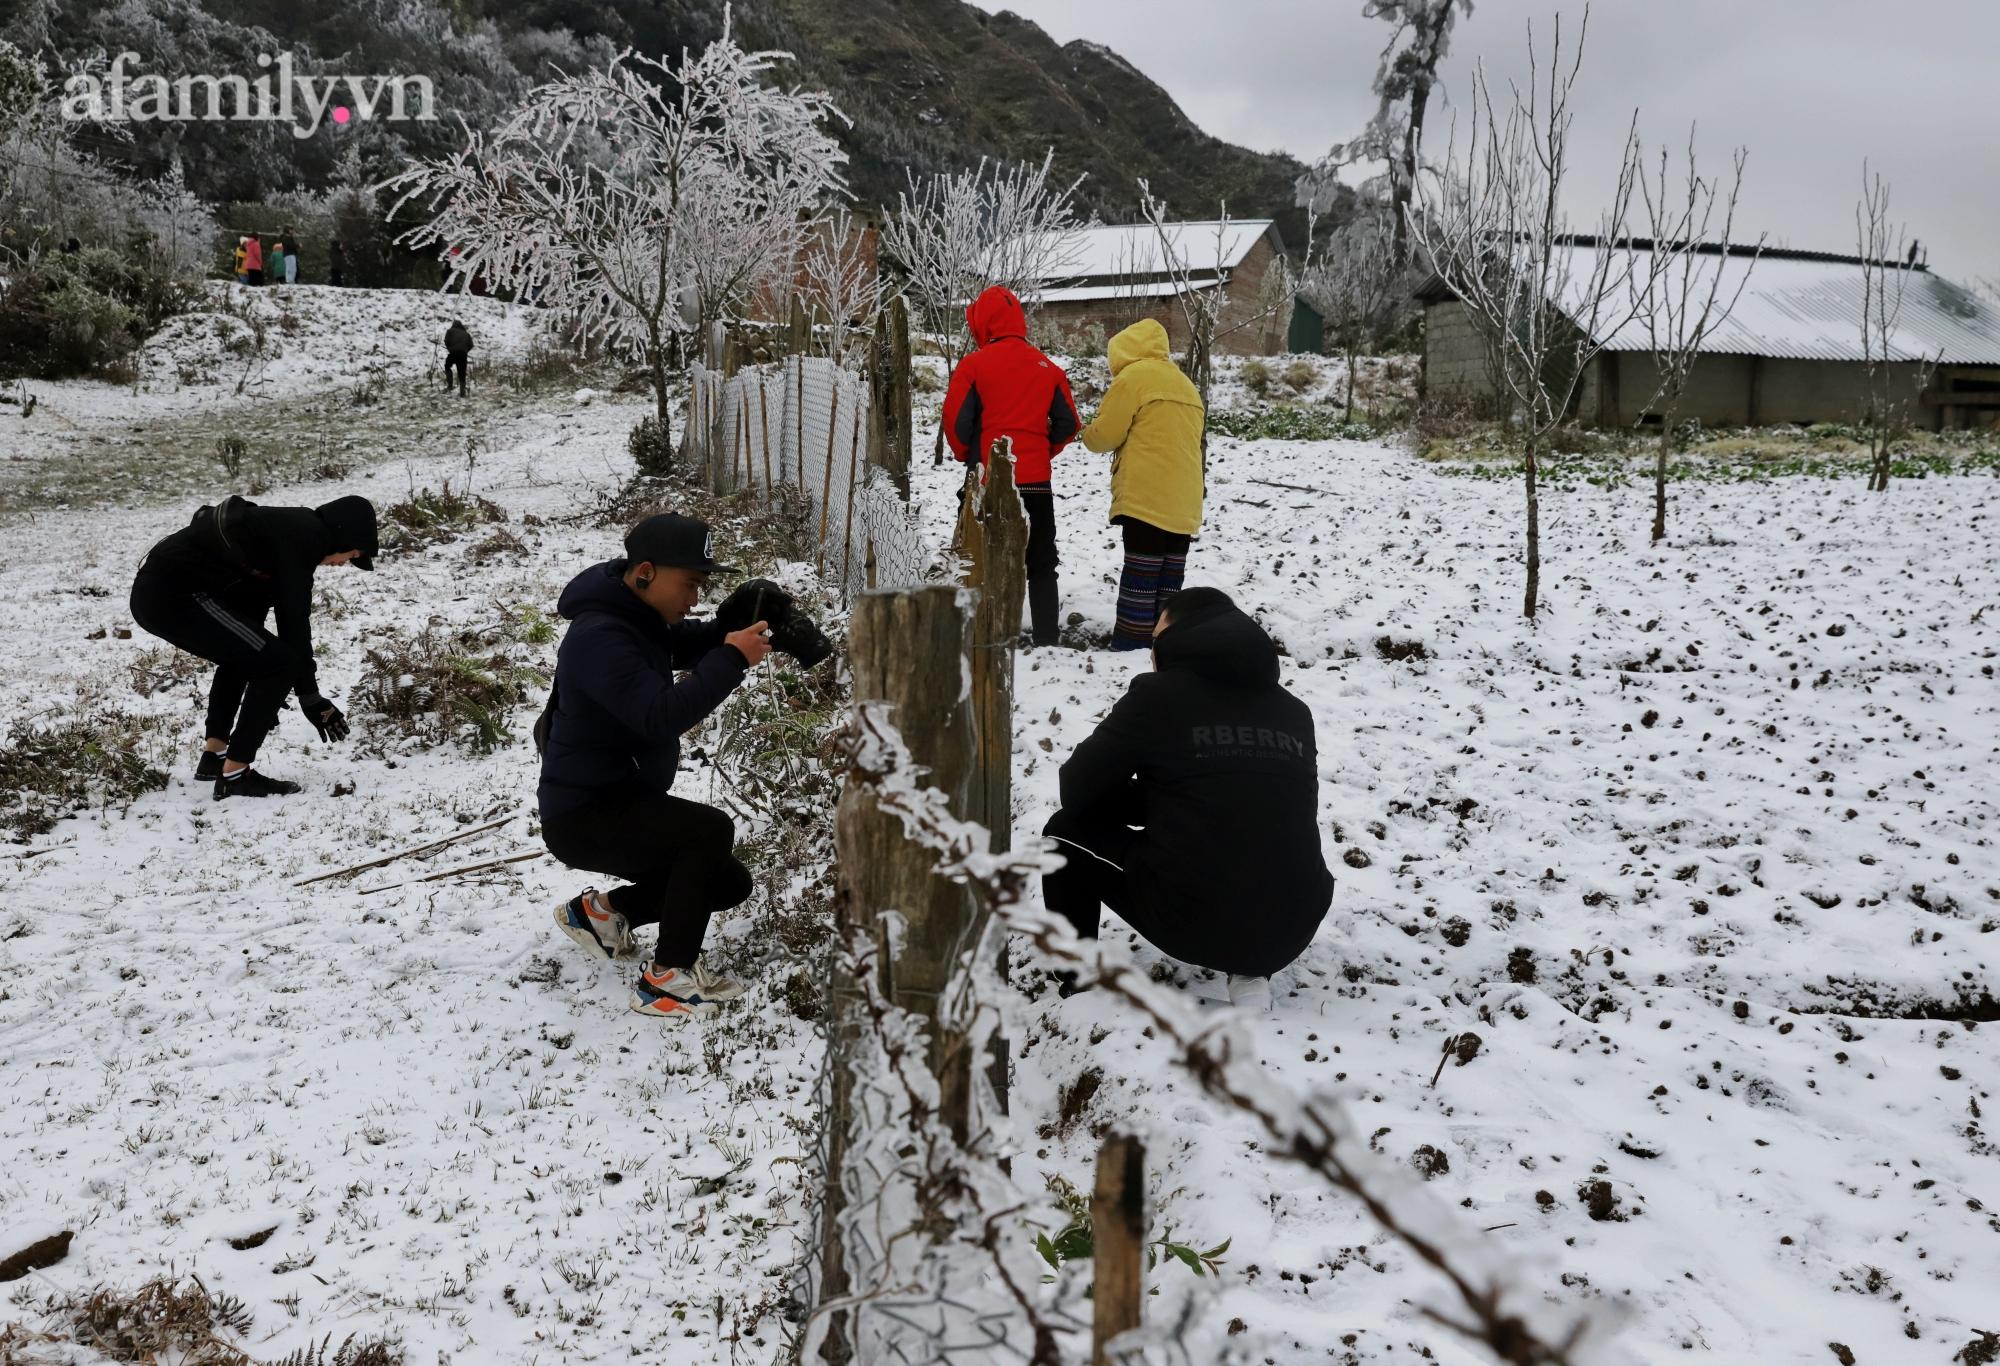 Sững sờ trước khung cảnh tuyết rơi phủ trắng đỉnh đồi Y Tý, du khách thích thú check in giữa trời trắng xóa - Ảnh 22.